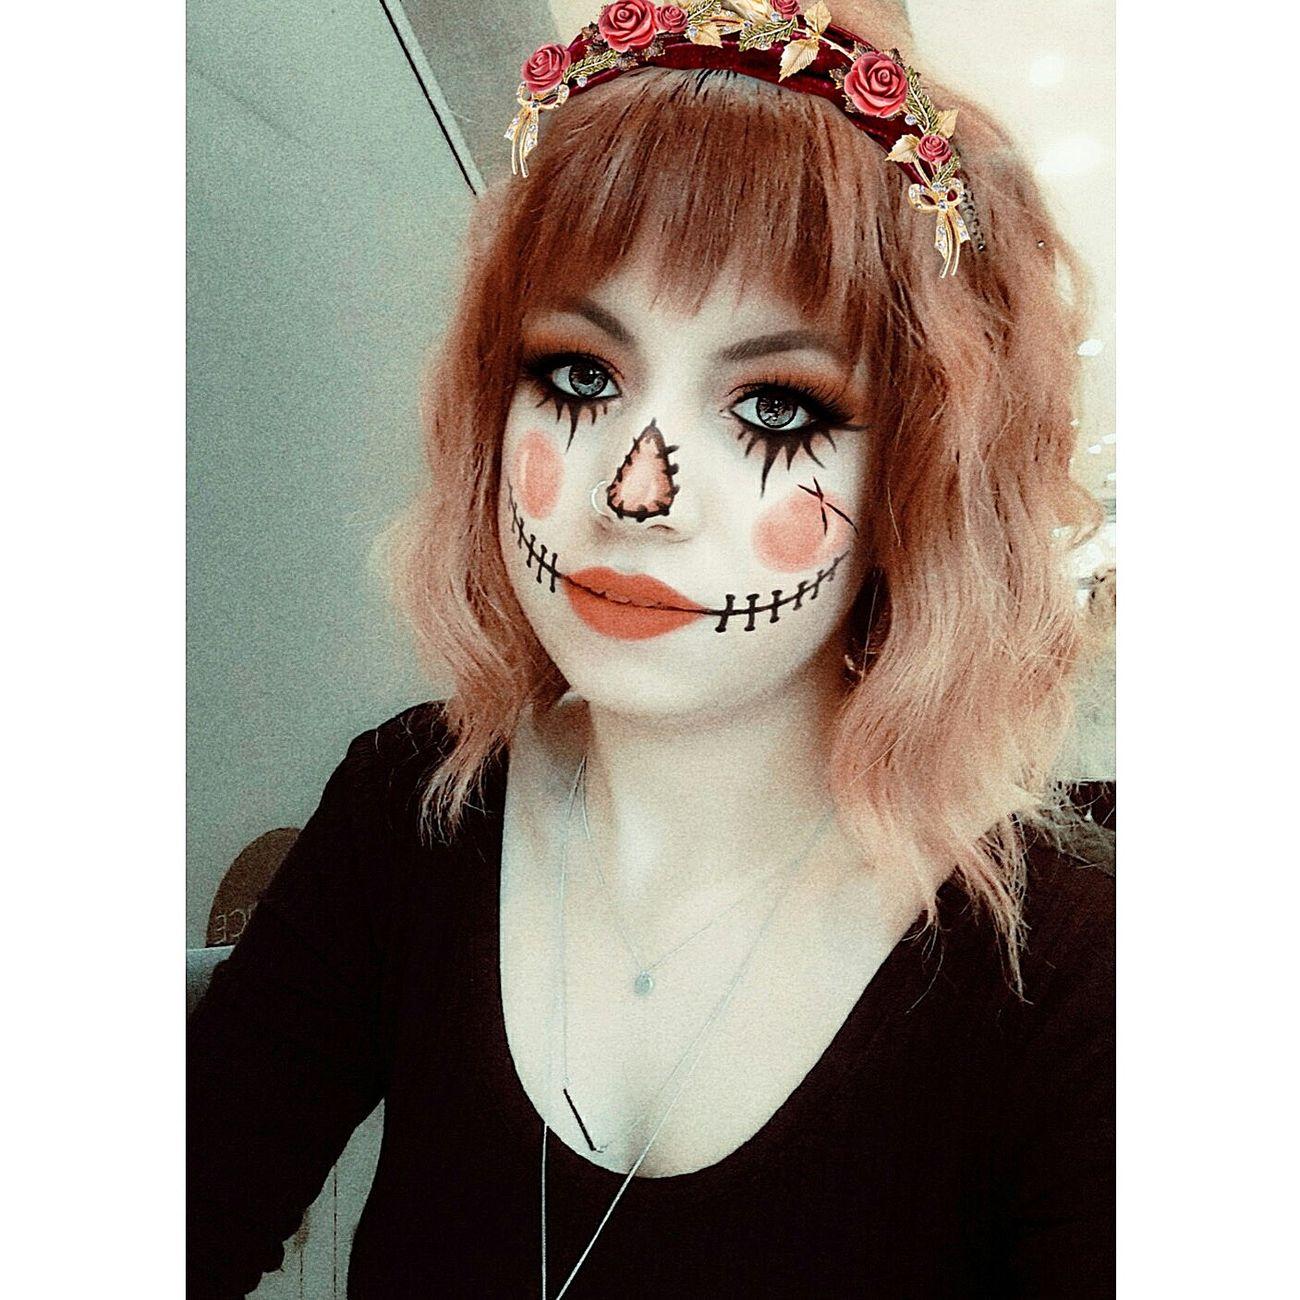 Happyhalloween 🎃🎃😛 Helloween🎃🎃🎃 Happyhalloween Helloweenmakeup Halloween Makeup Make Fasion Hair Hello World Makeup Artist Makeup ♥ Hair Mac Redhair Kryolan Helloween Beauty Hairstyle Make-up Izmirlife ızmir Red Hair Lipstick Mekapmekap